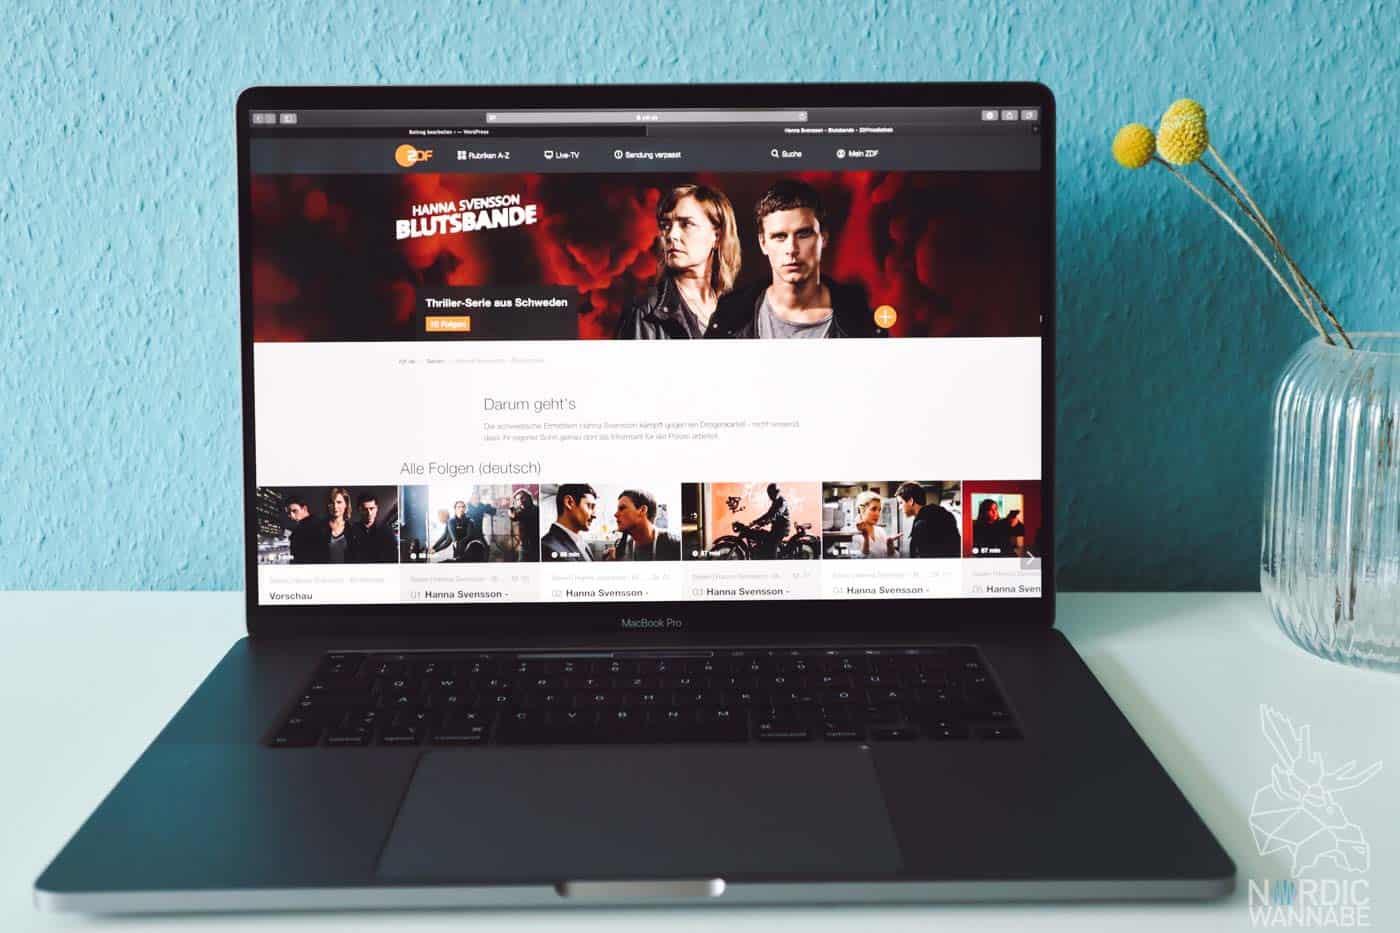 Serien und Filme aus Skandinavien